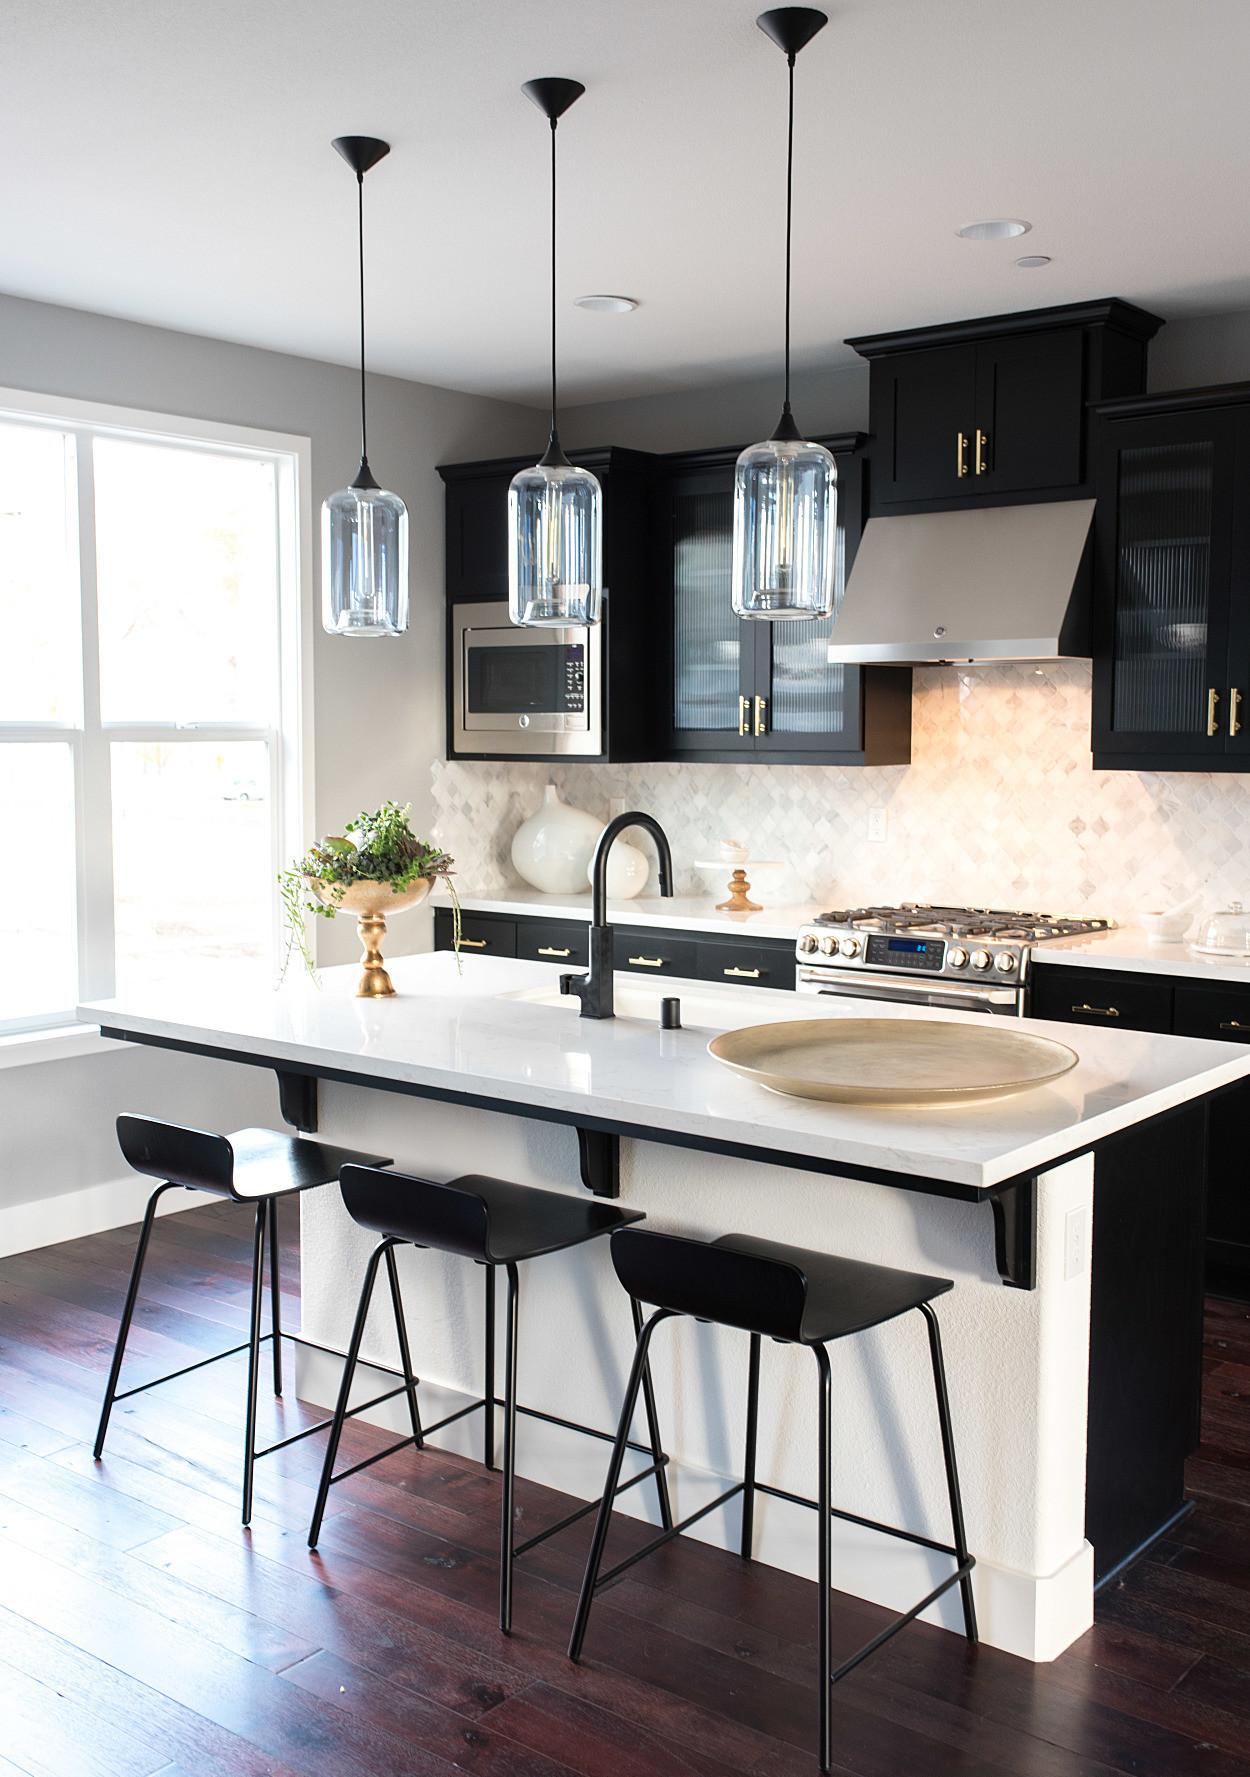 3 Gorgeous Ways to Soften Black Kitchen Cabinets & 3 Gorgeous Ways to Soften Black Kitchen Cabinets | Martha Stewart